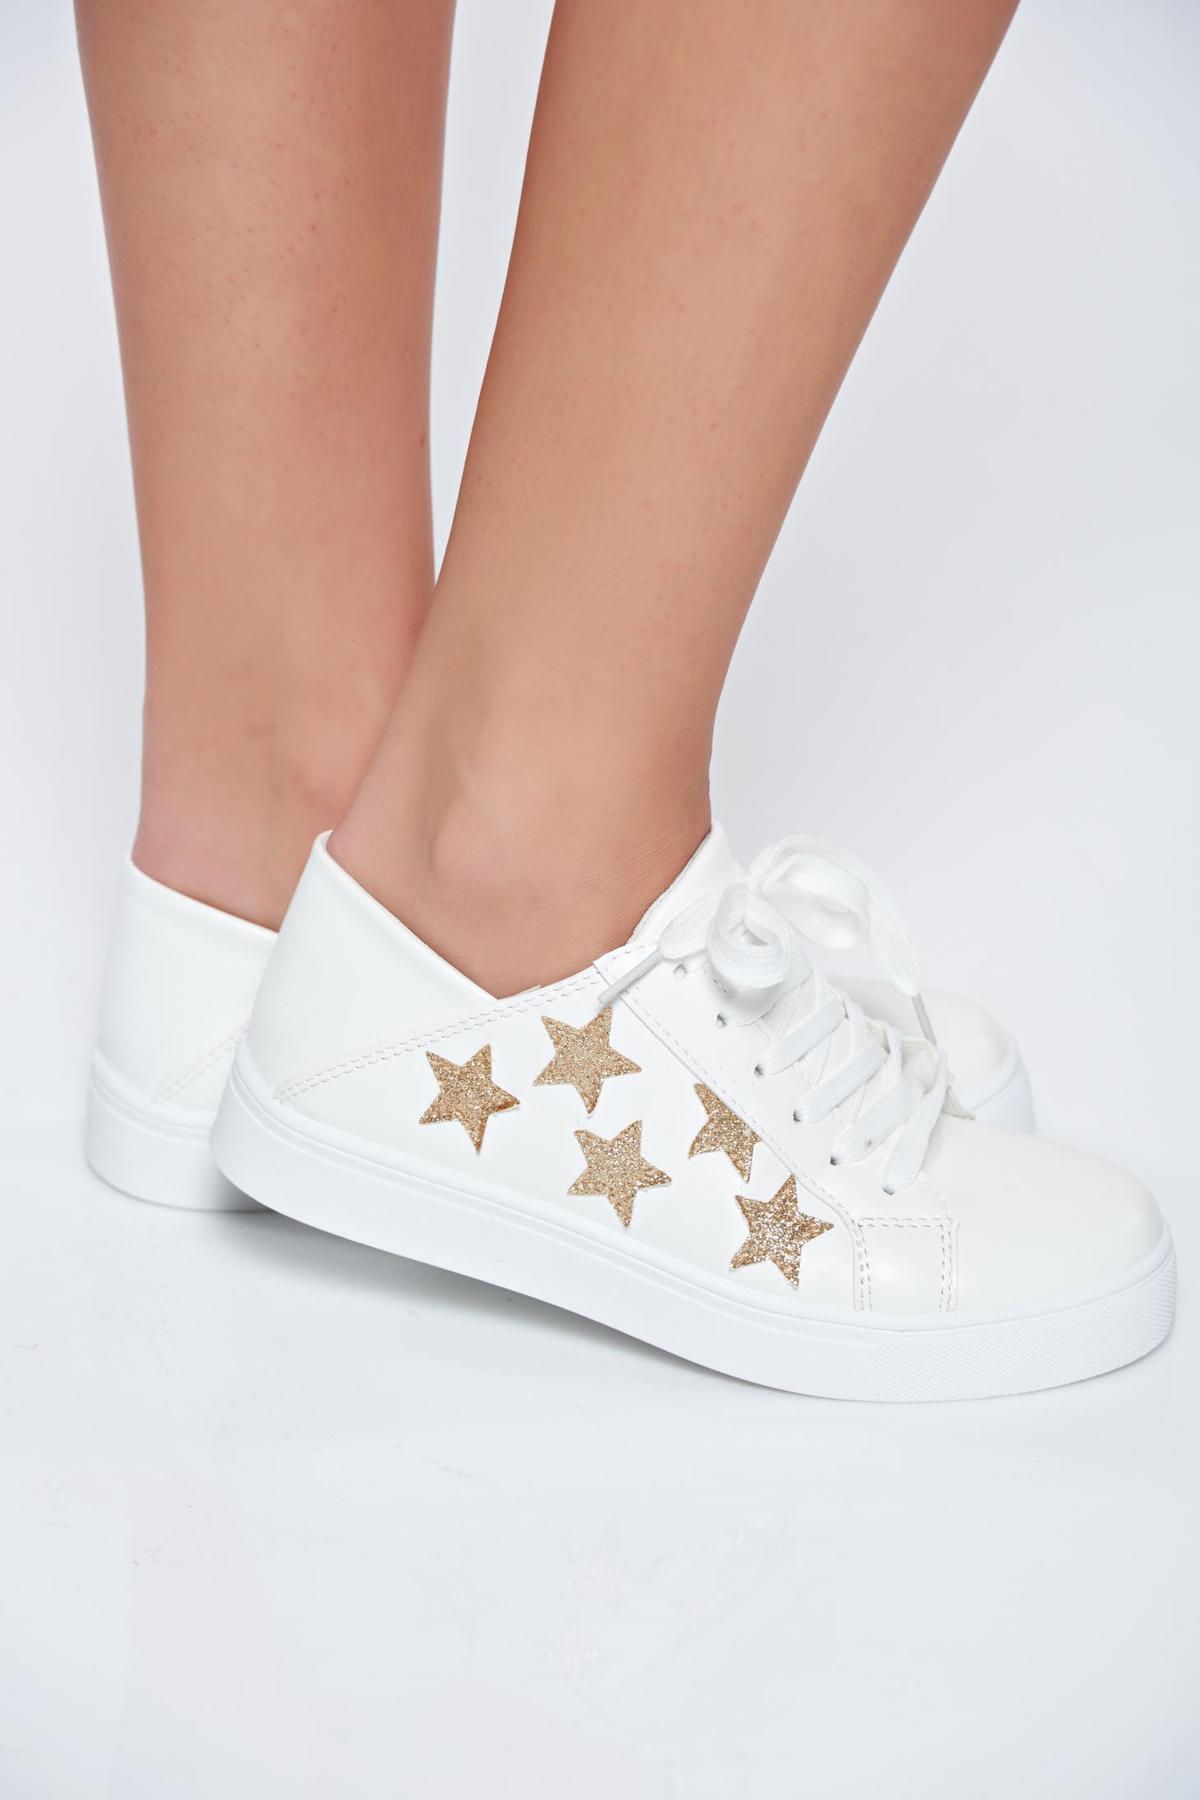 Fehér hétköznapi sport cipő fűzővel köthető meg csillogó díszítésekel 7943a9d41d